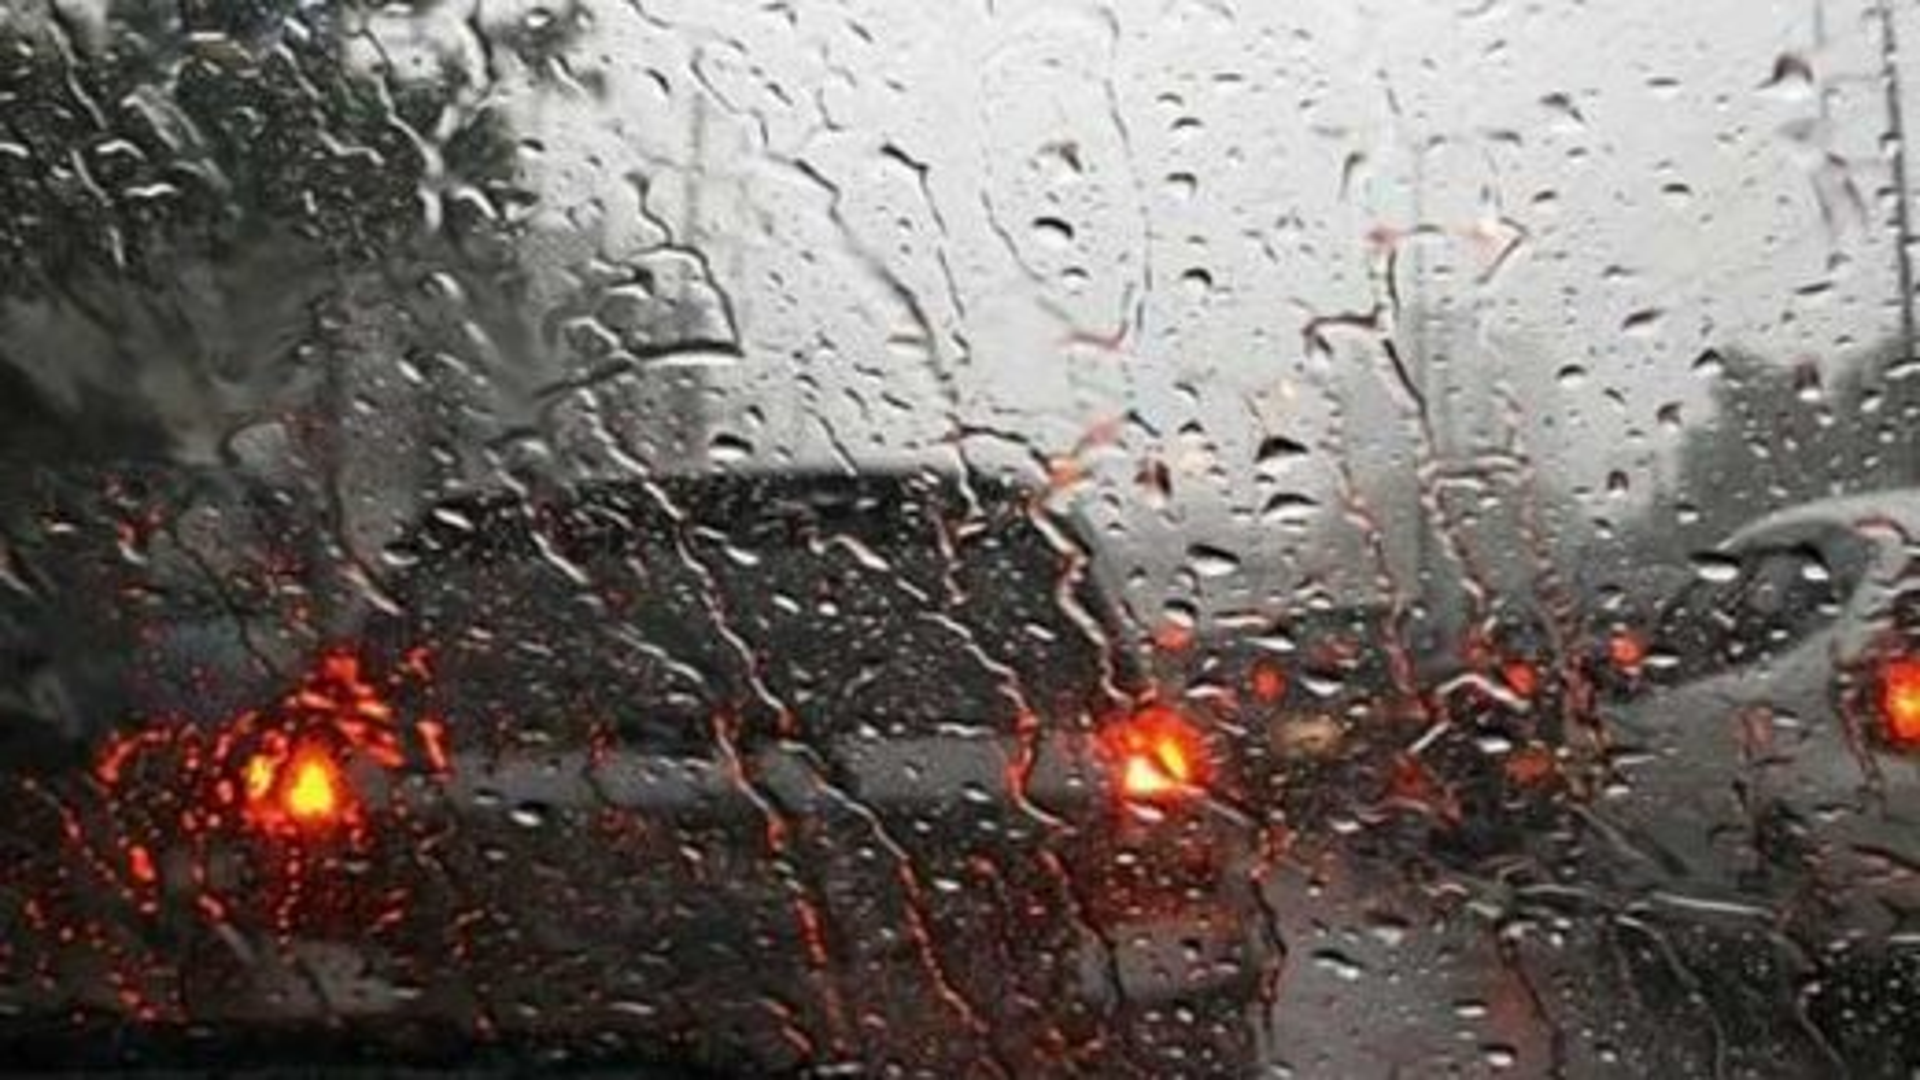 پیش بینی بارش باران یک هفته ای در ۱۰ استان | فیلم